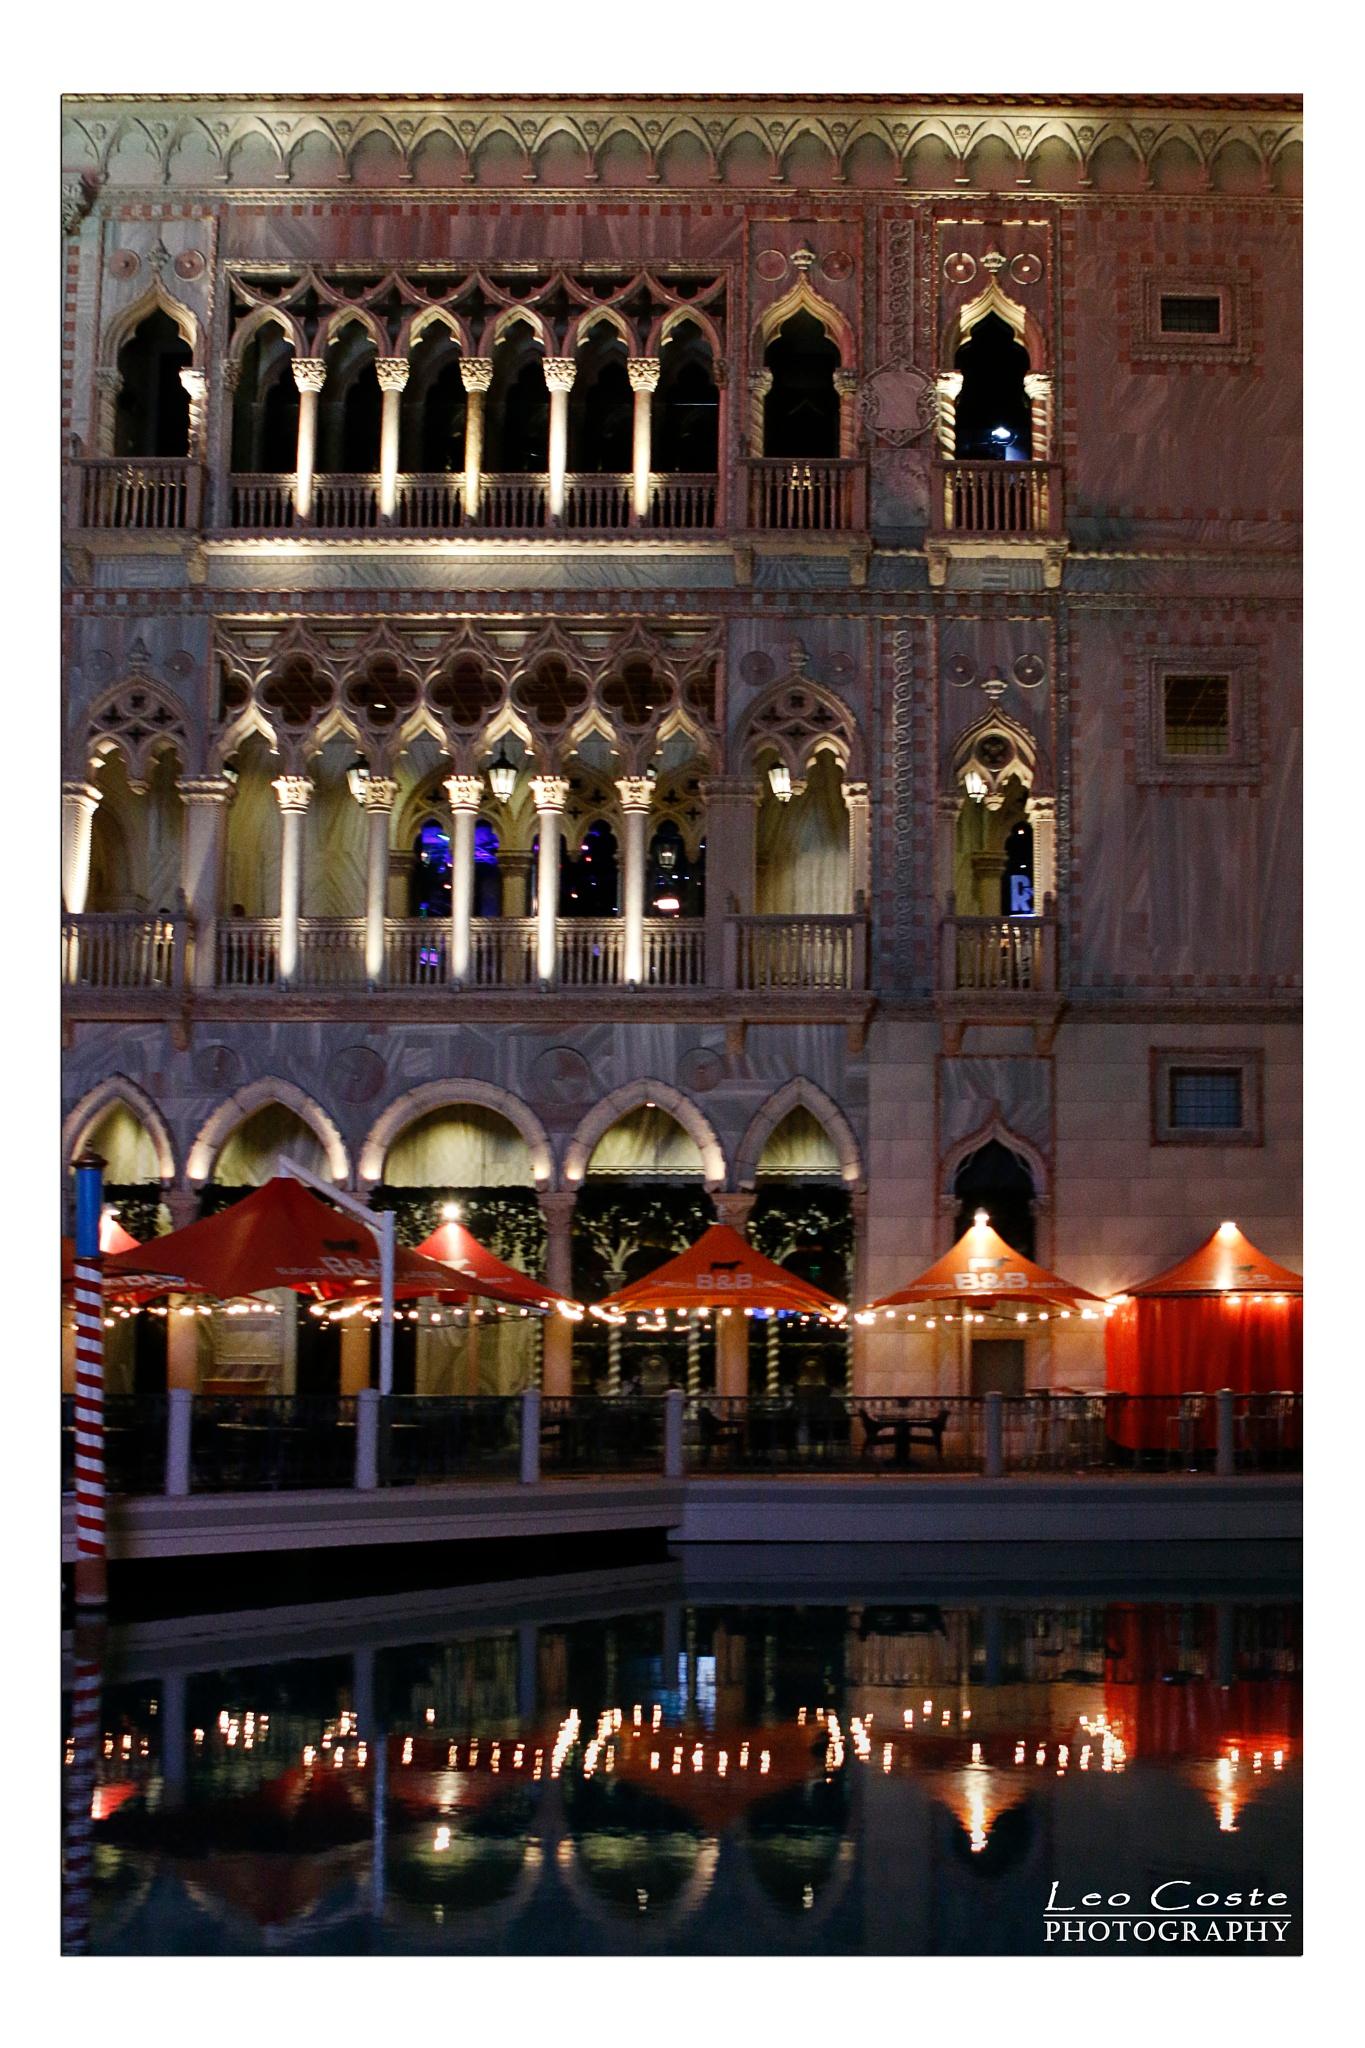 The Venetian Las Vegas by Leo Coste